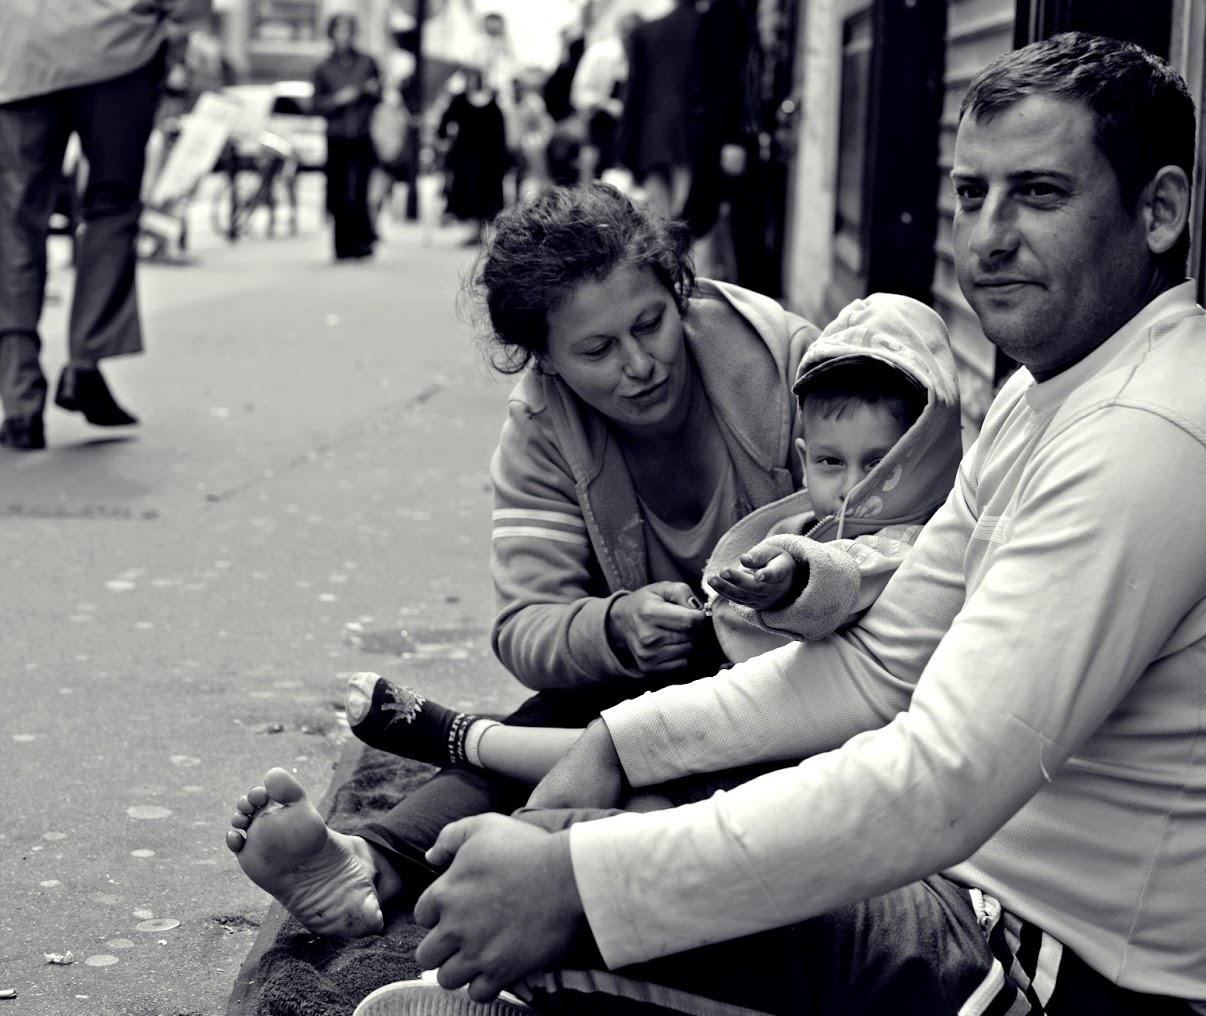 Αποτέλεσμα εικόνας για homeless family